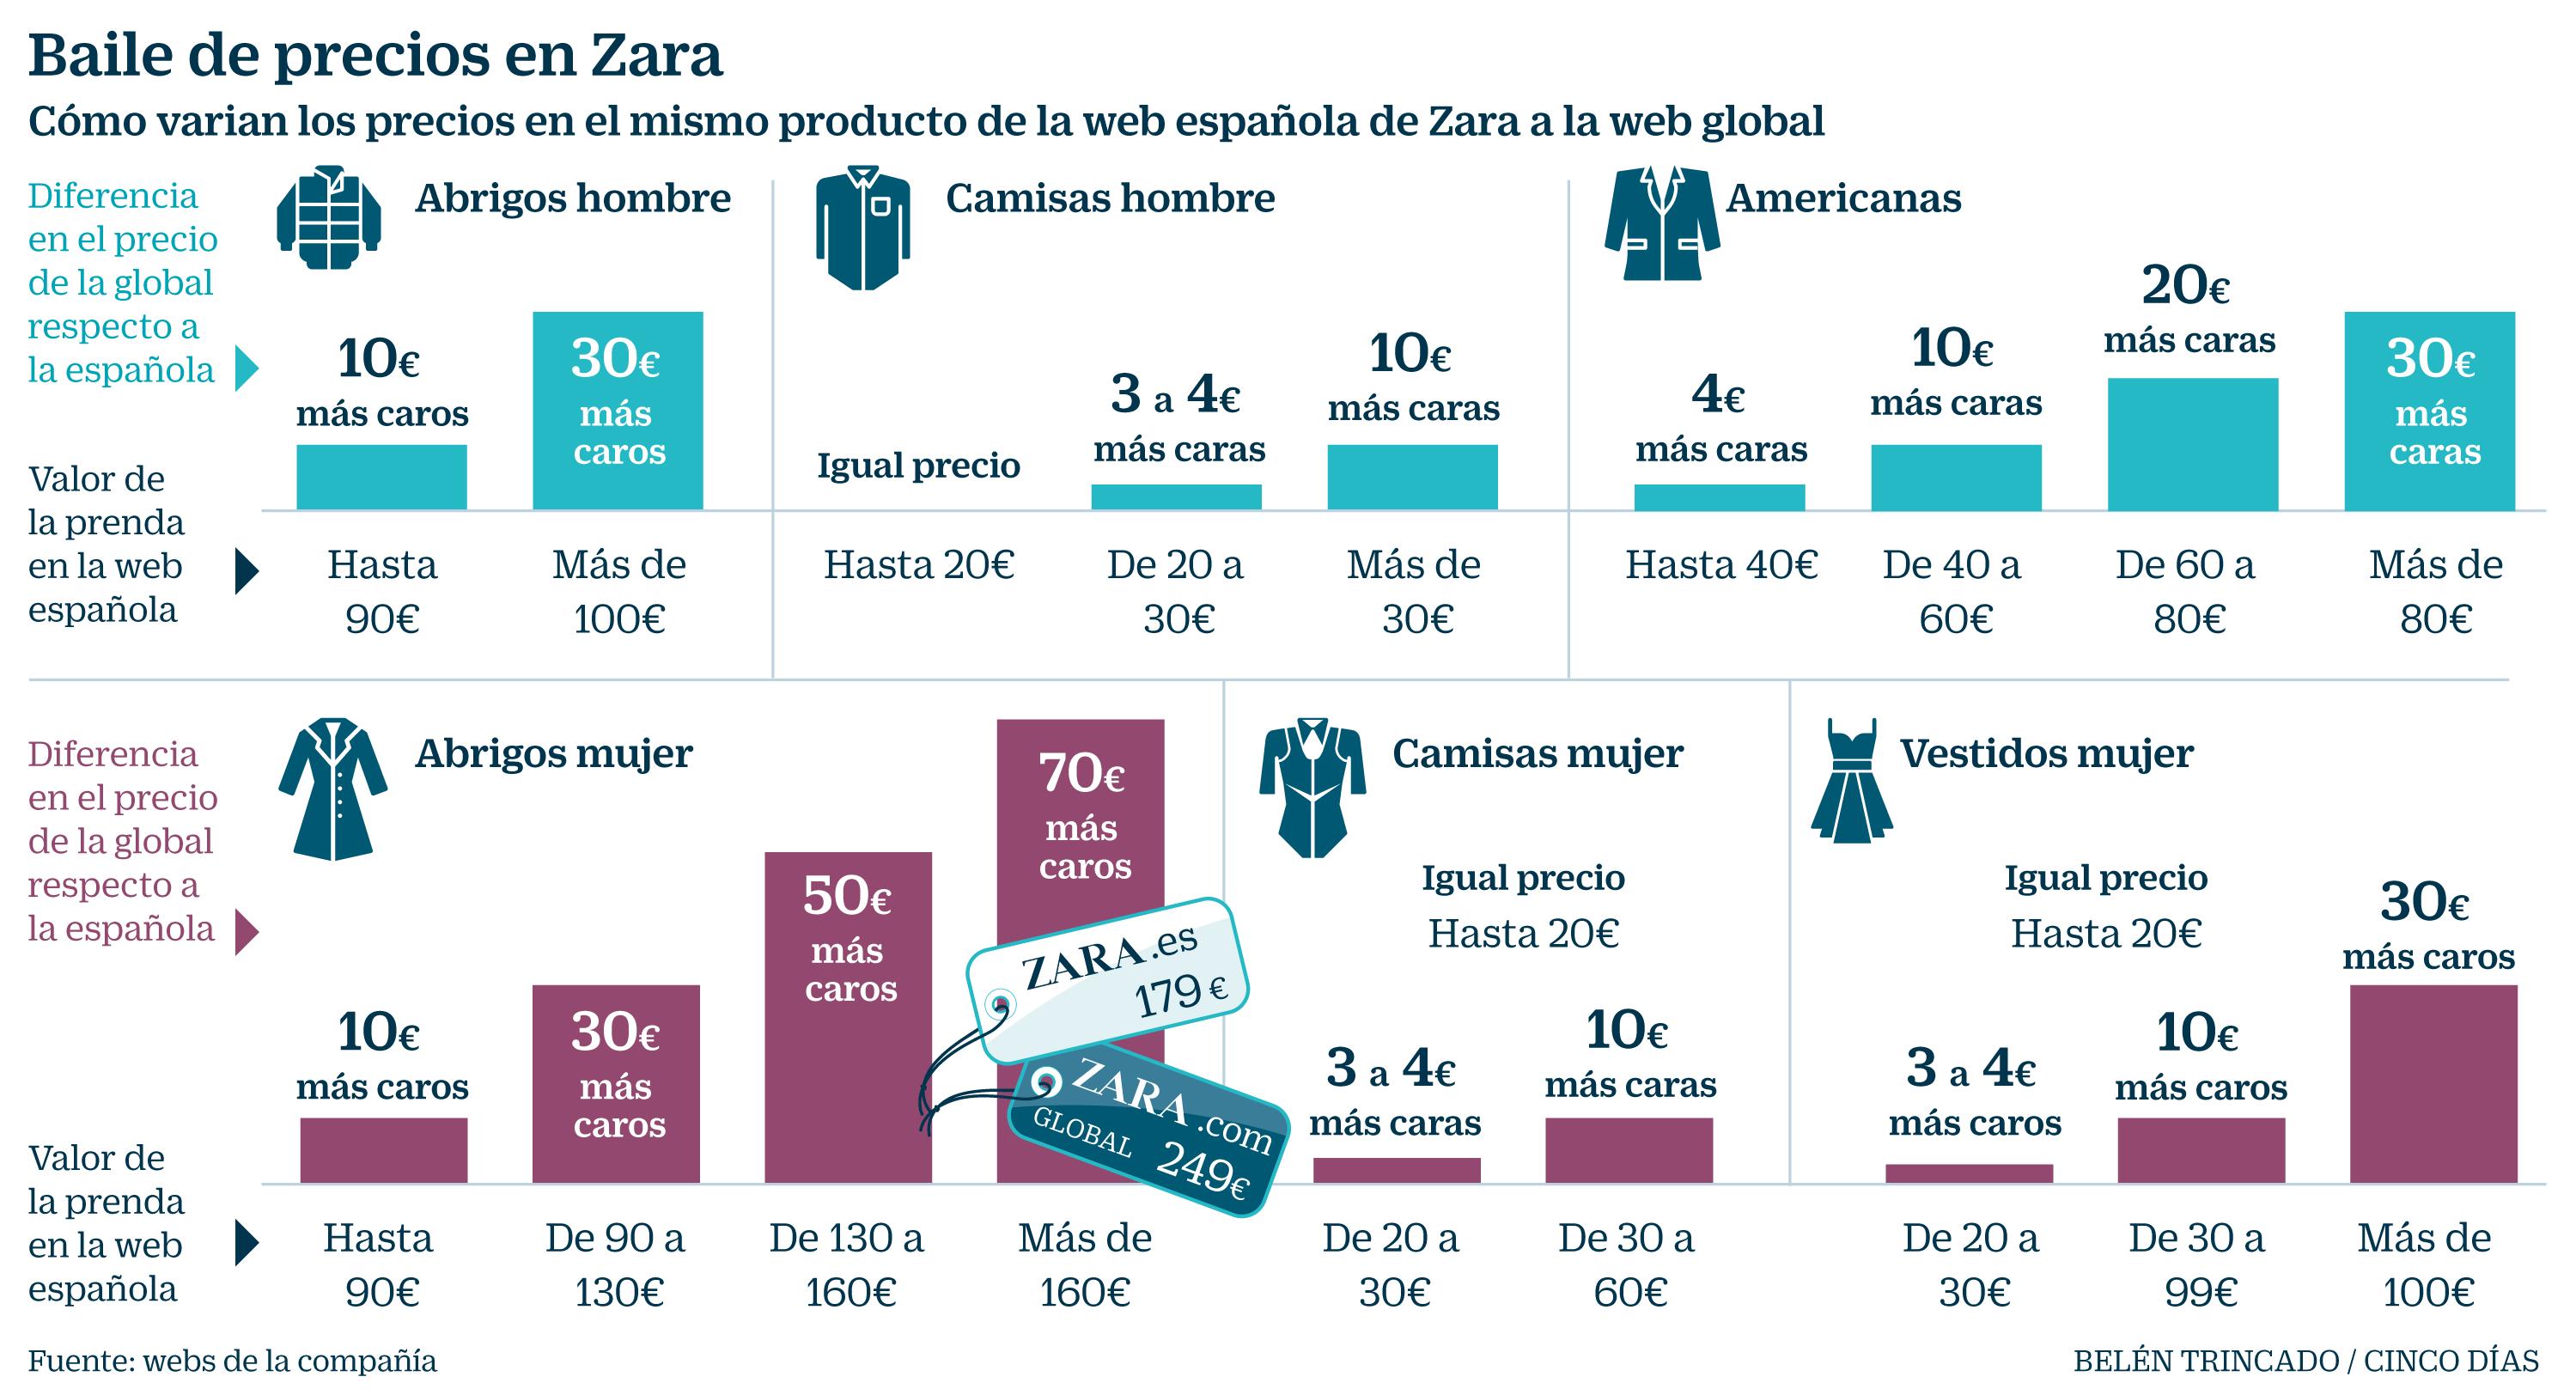 Calma caballo de Troya carrera  Los precios de la web global de Zara son hasta un 44% más caros que los de  España | Compañías | Cinco Días